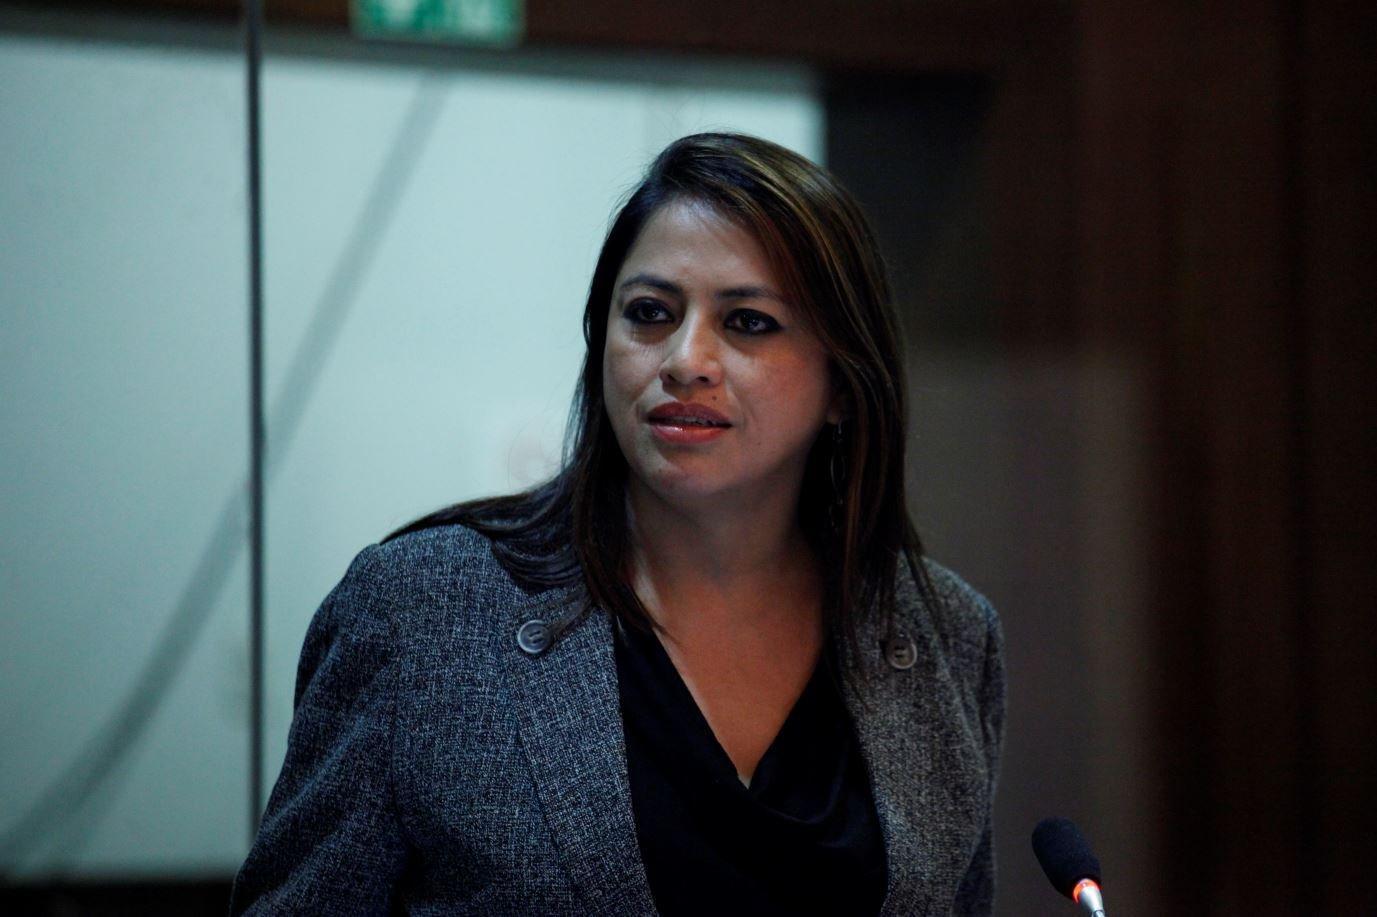 Juez dicta prisión preventiva para Paola Pabón por posibles actos delictivos en protestas